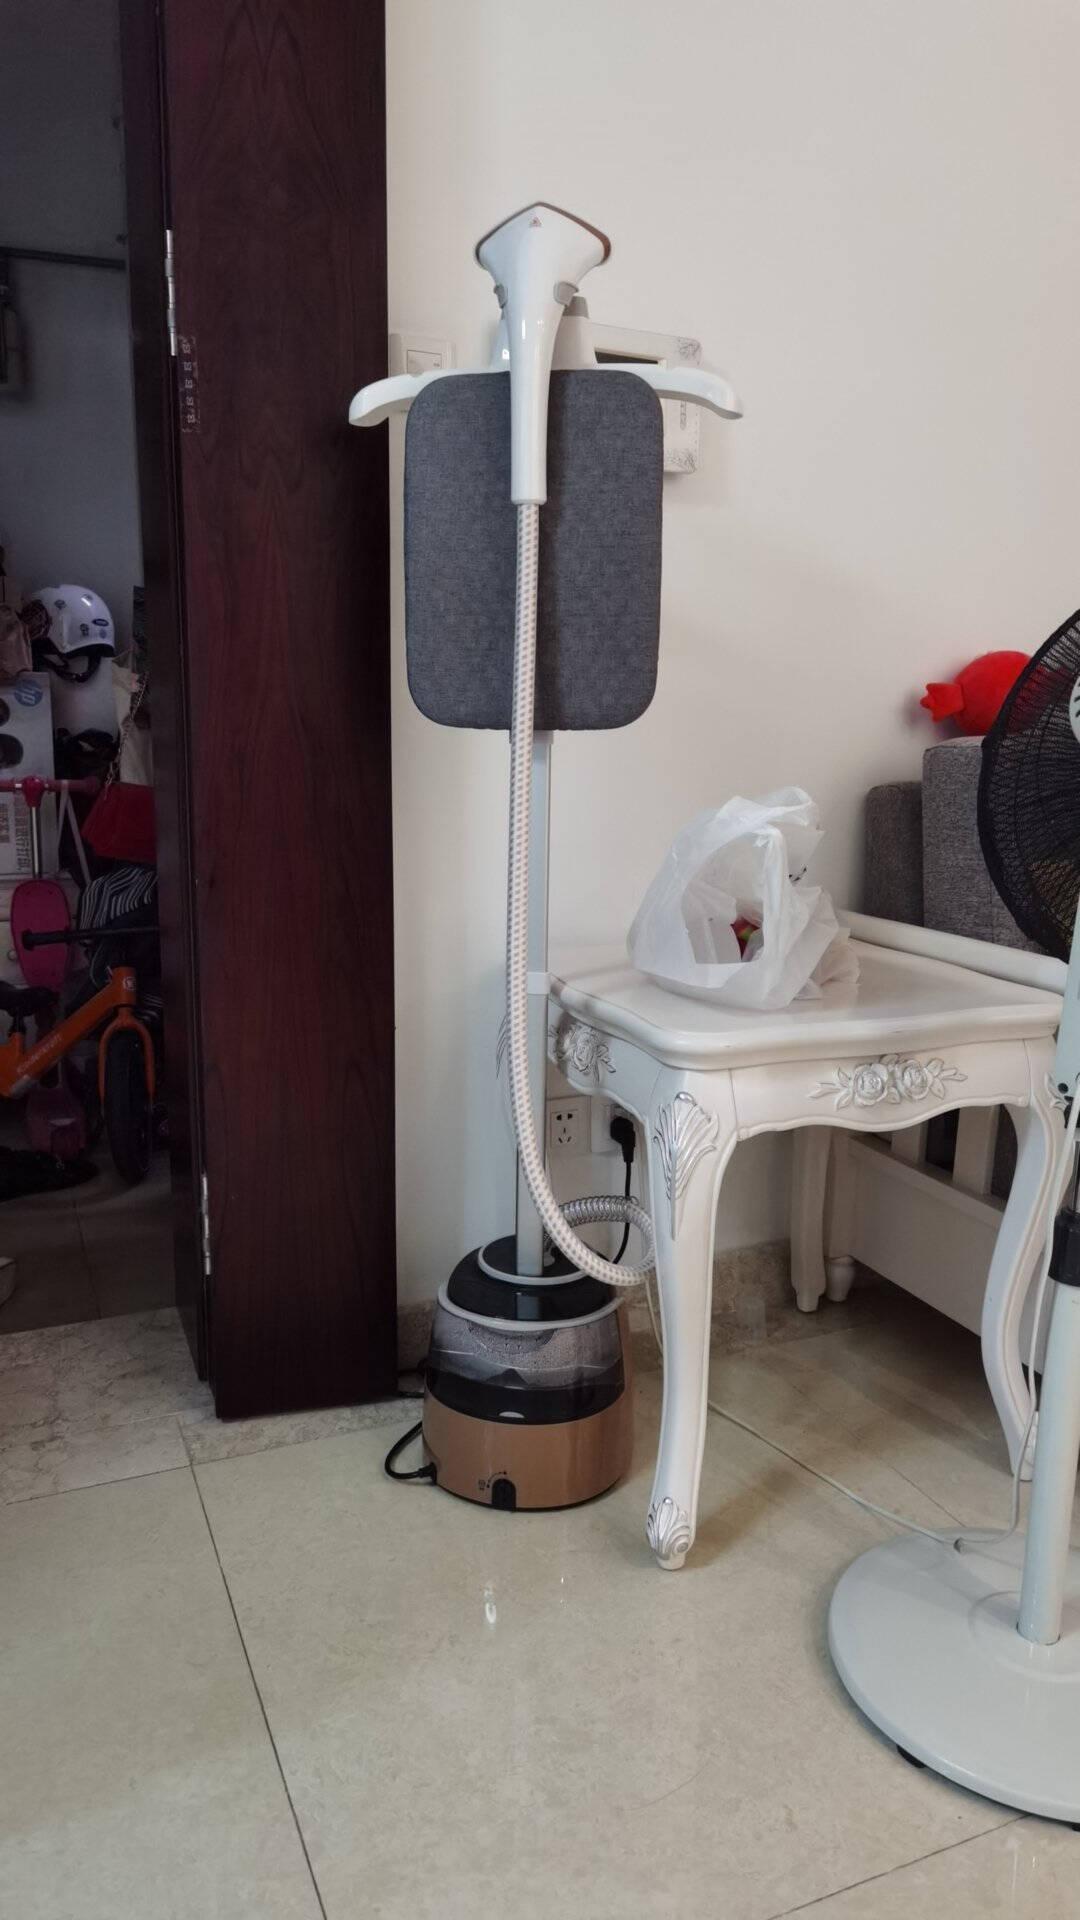 苏泊尔(SUPOR)挂烫机家用蒸汽熨斗小型熨烫机智能烫衣服手持商用服装店除菌烫衣机【王源代言款】有熨烫板